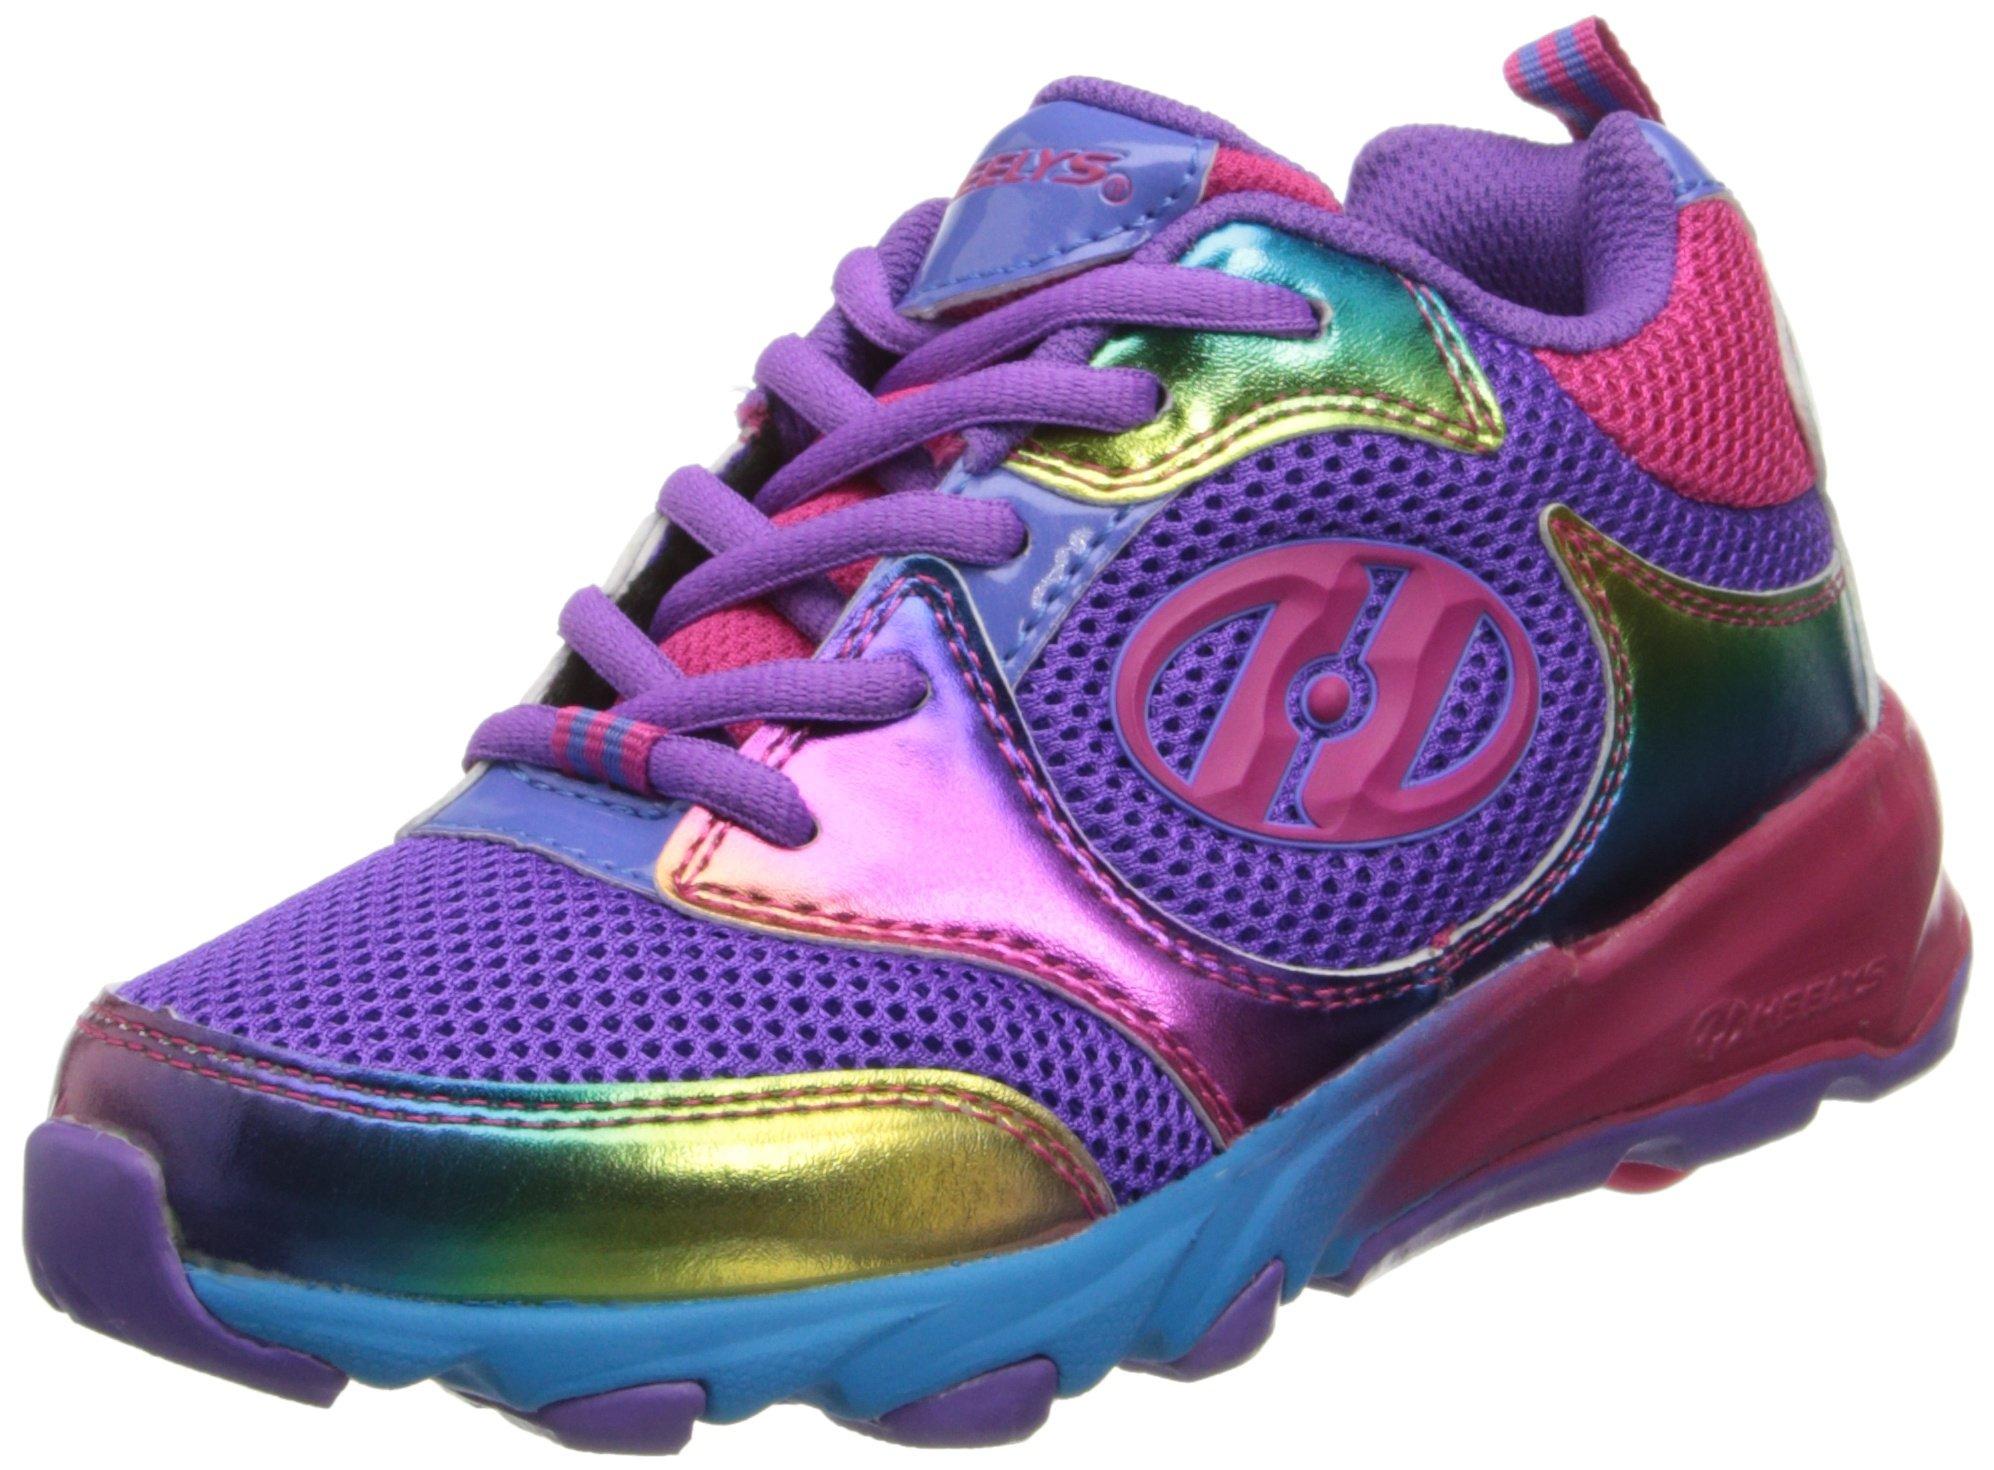 Heelys Race Skate Shoe (Little Kid/Big Kid),Purple/Rainbow,2 M US Little Kid by Heelys (Image #1)